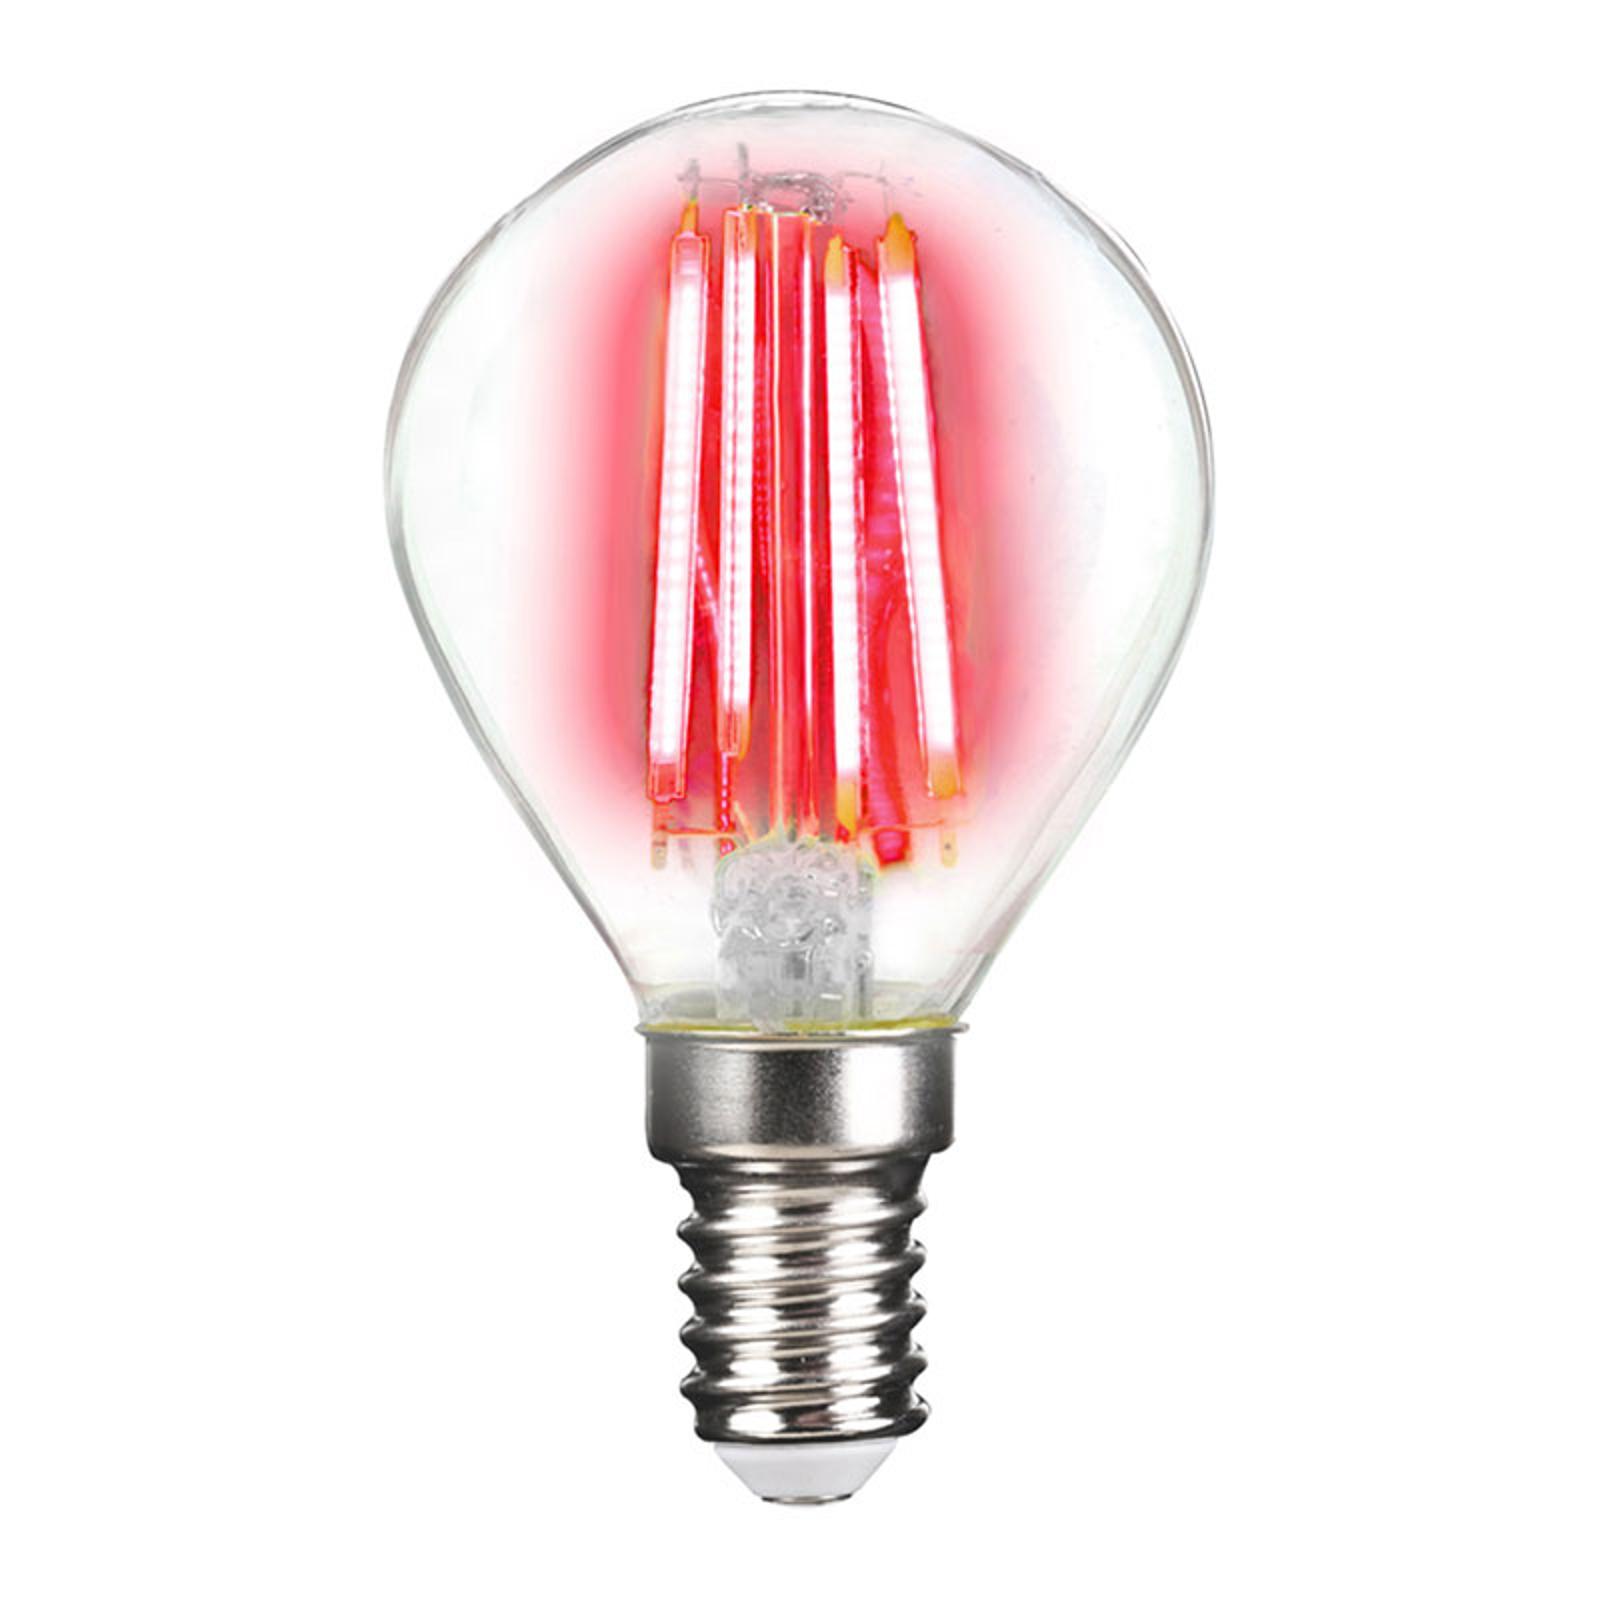 LED-pære E14 4W filament, rød